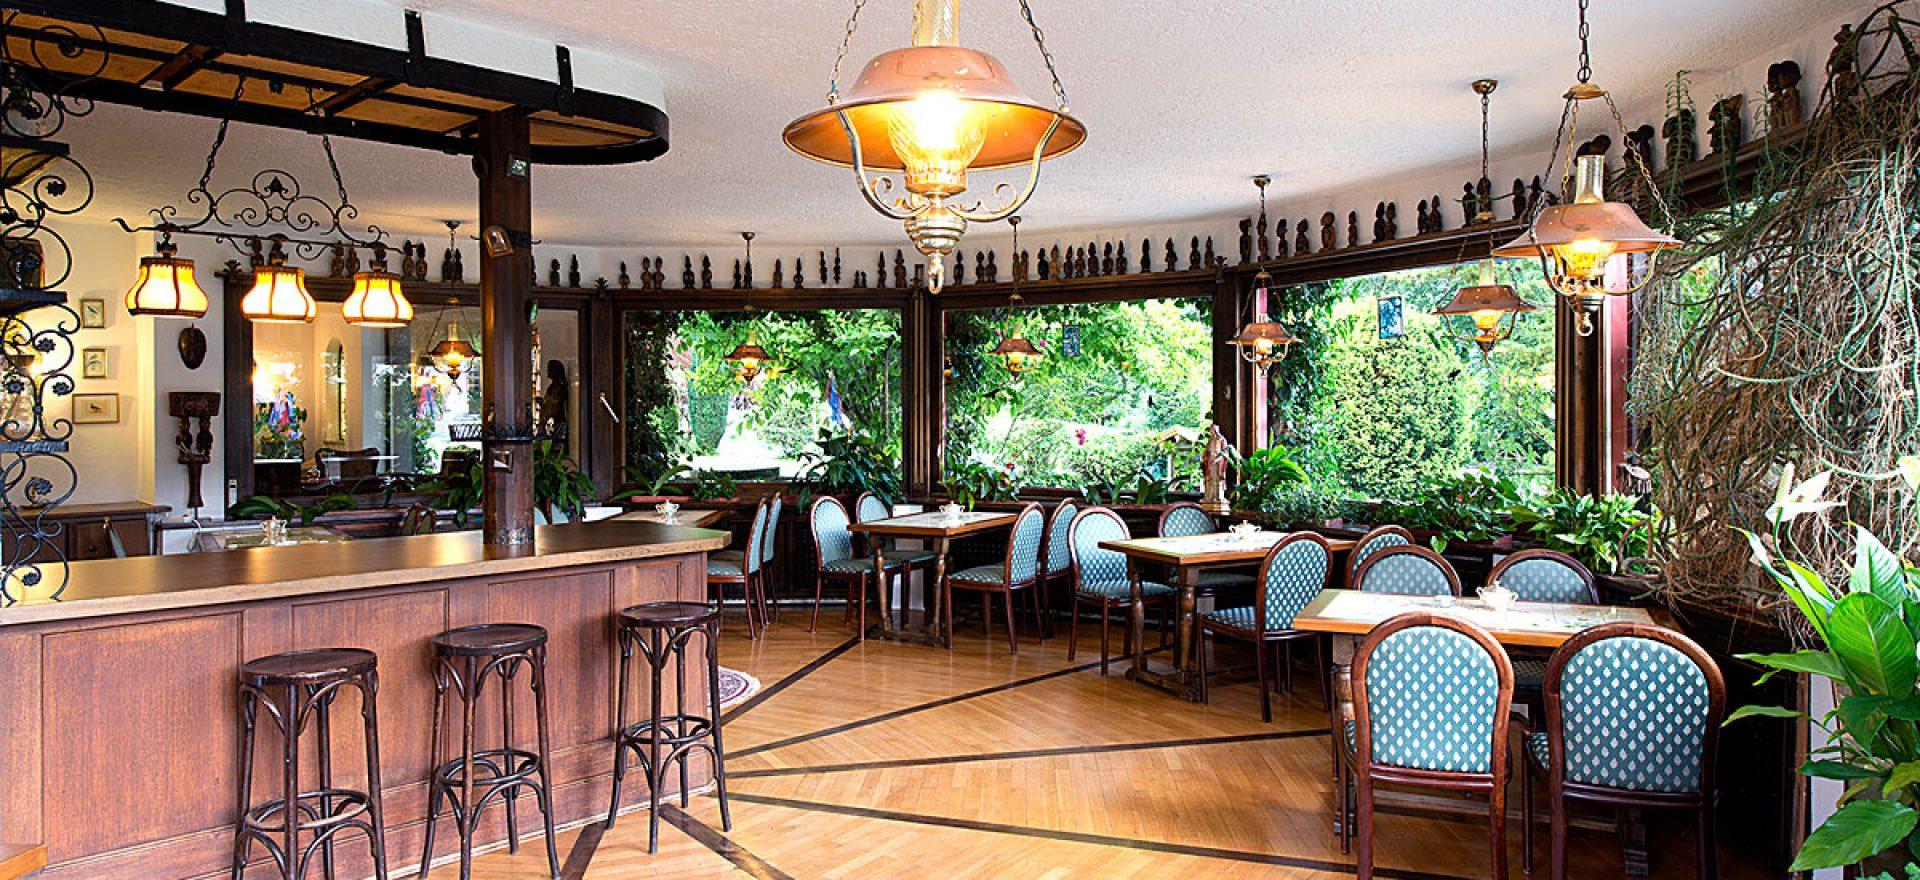 Der gemütliche Wintergarten Stoll's Hotel Alpina in Schönau am Königssee / Berchtesgaden